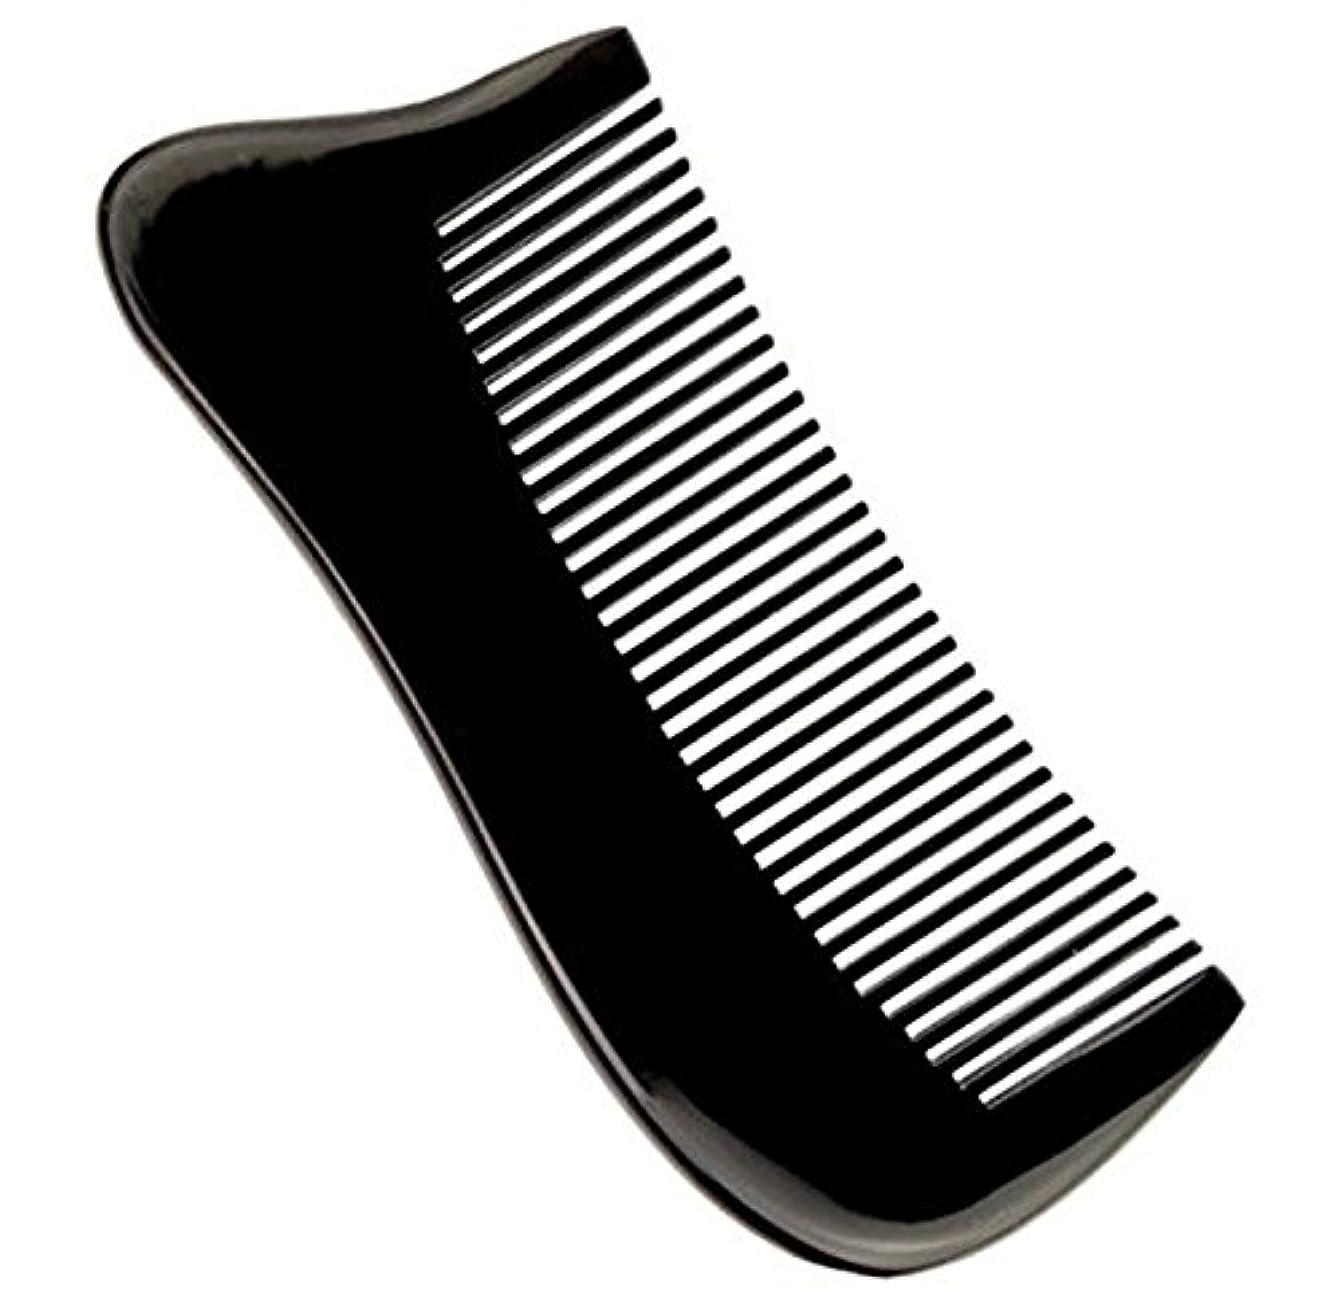 東ティモール衝突借りる櫛型 プロも使う牛角かっさプレート マサージ用 血行改善 高級 天然 静電気防止 美髪 美顔 ボディ リンパマッサージ